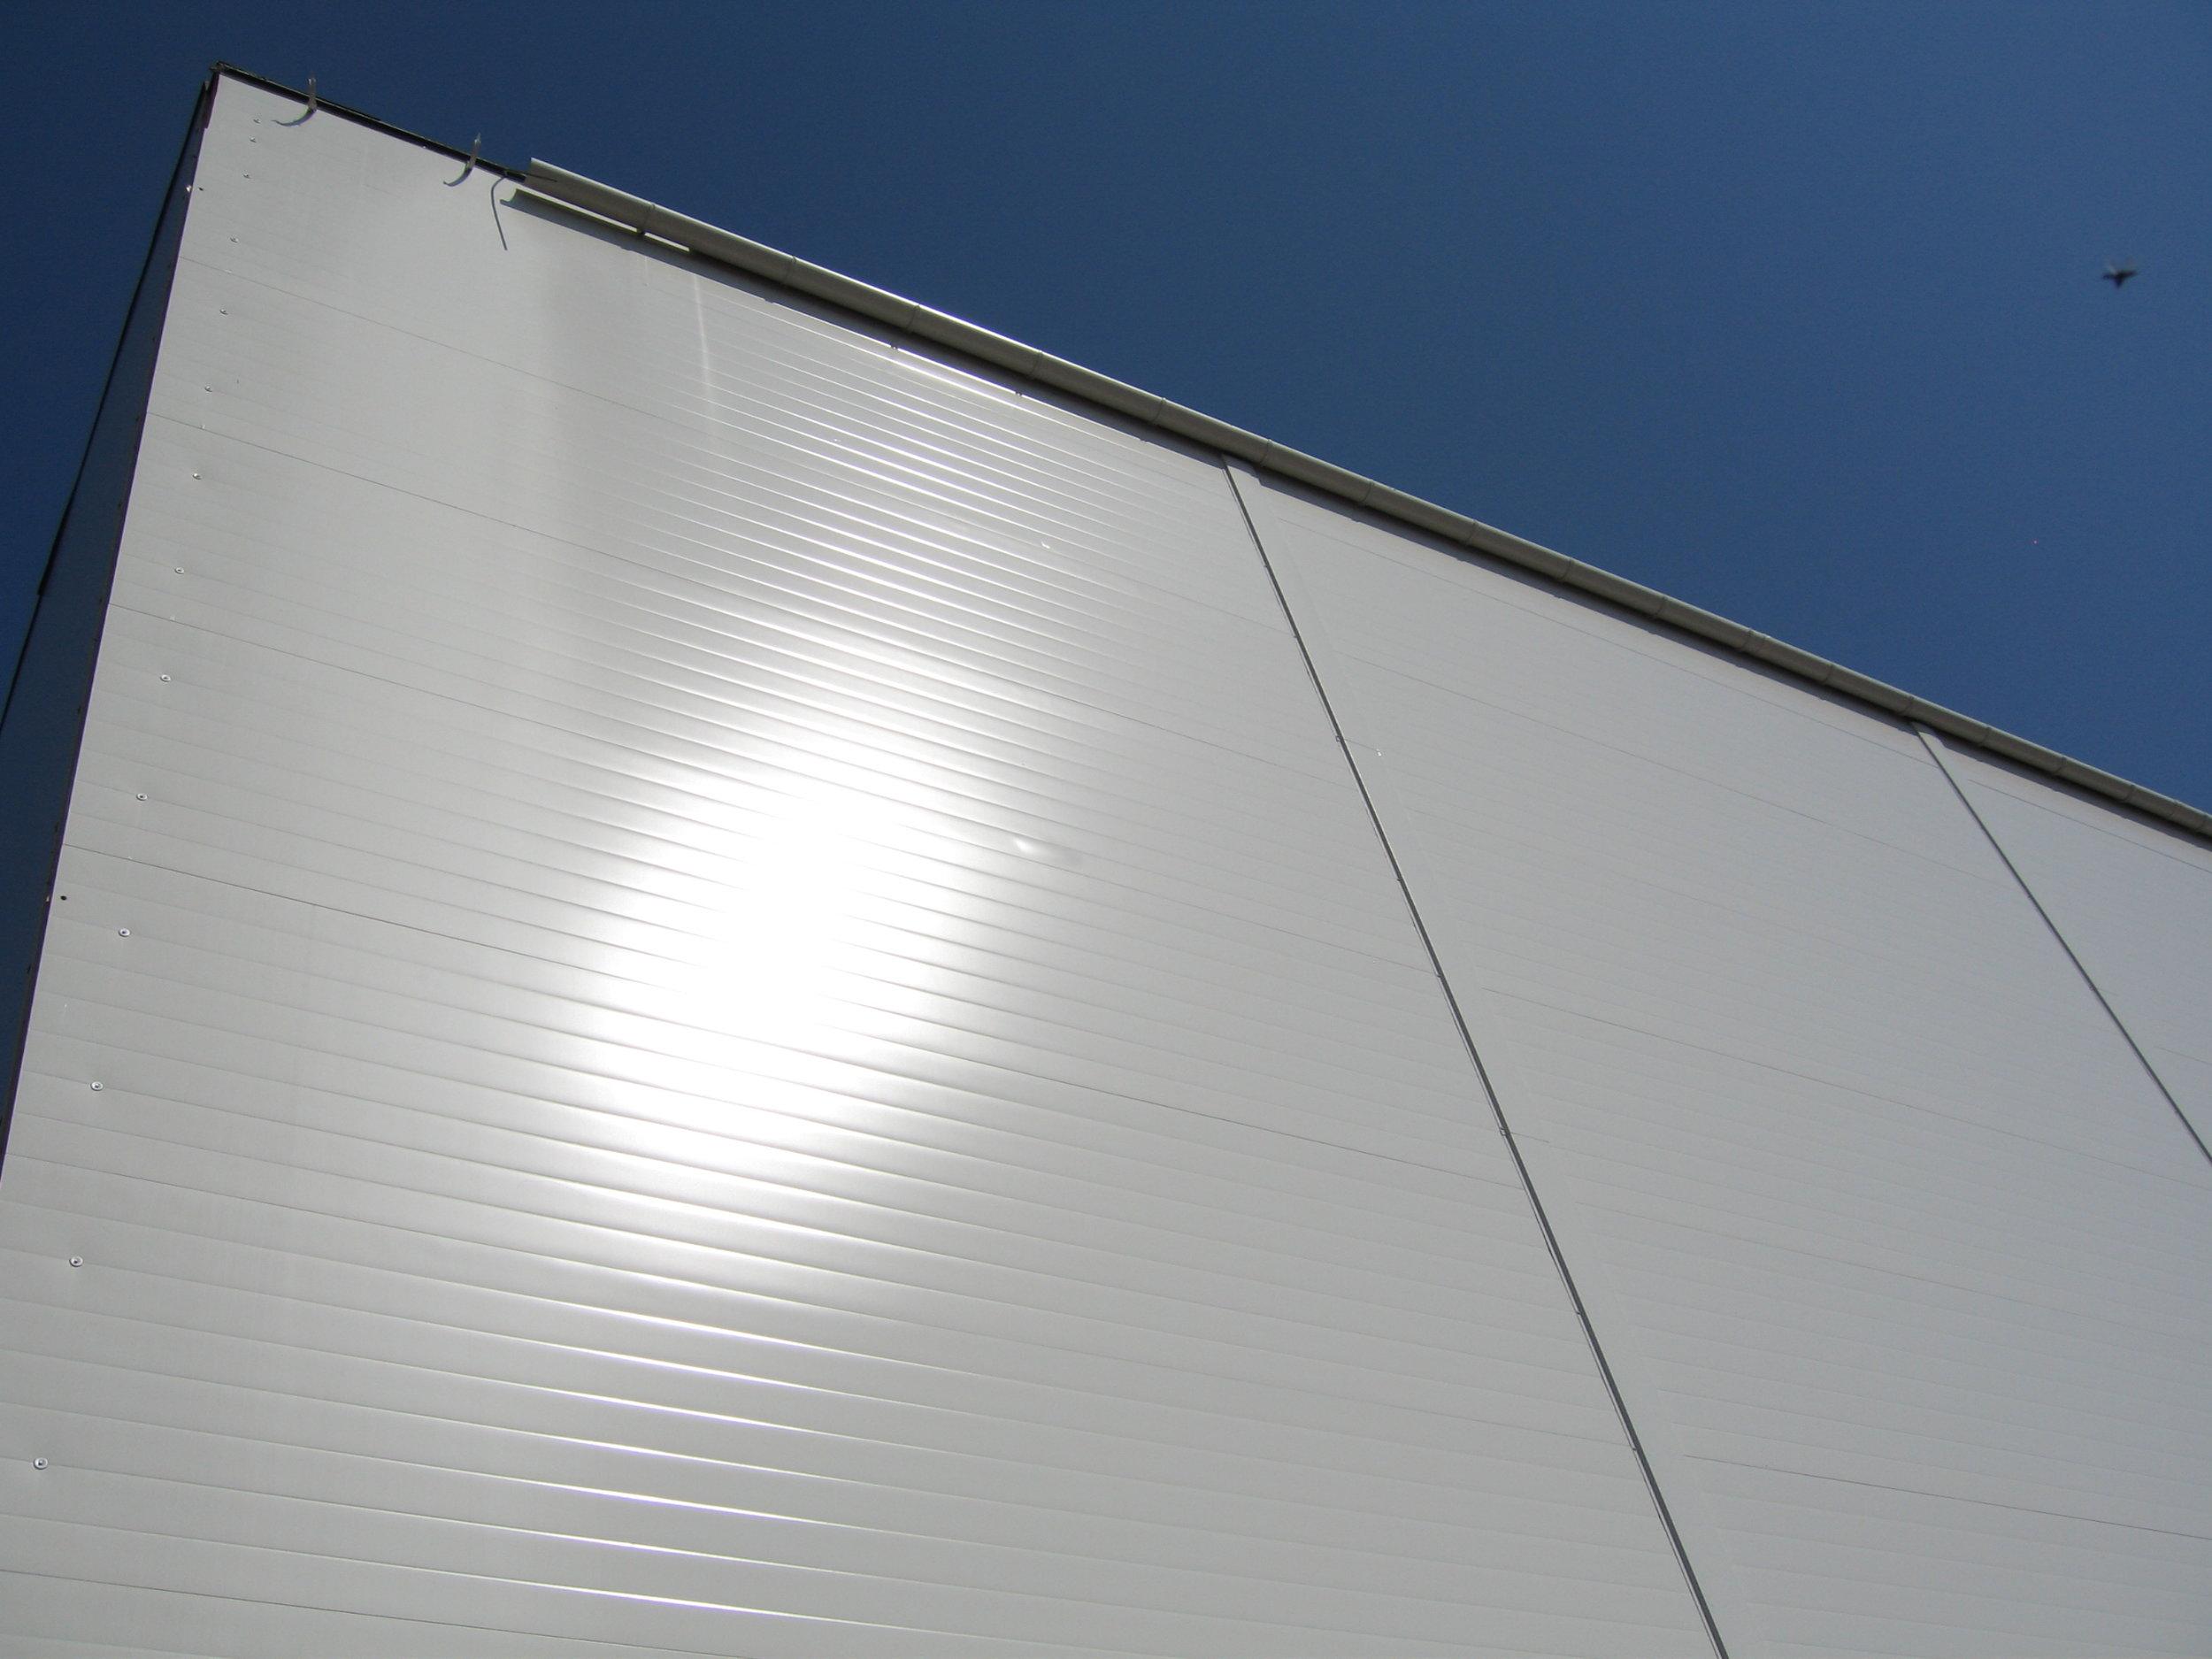 Fasadepanel    Vi leverer fasadepanel med polyurethan-skum eller mineralull som kjerne. Kort byggjetid gir god totaløkonomi.    Les meir